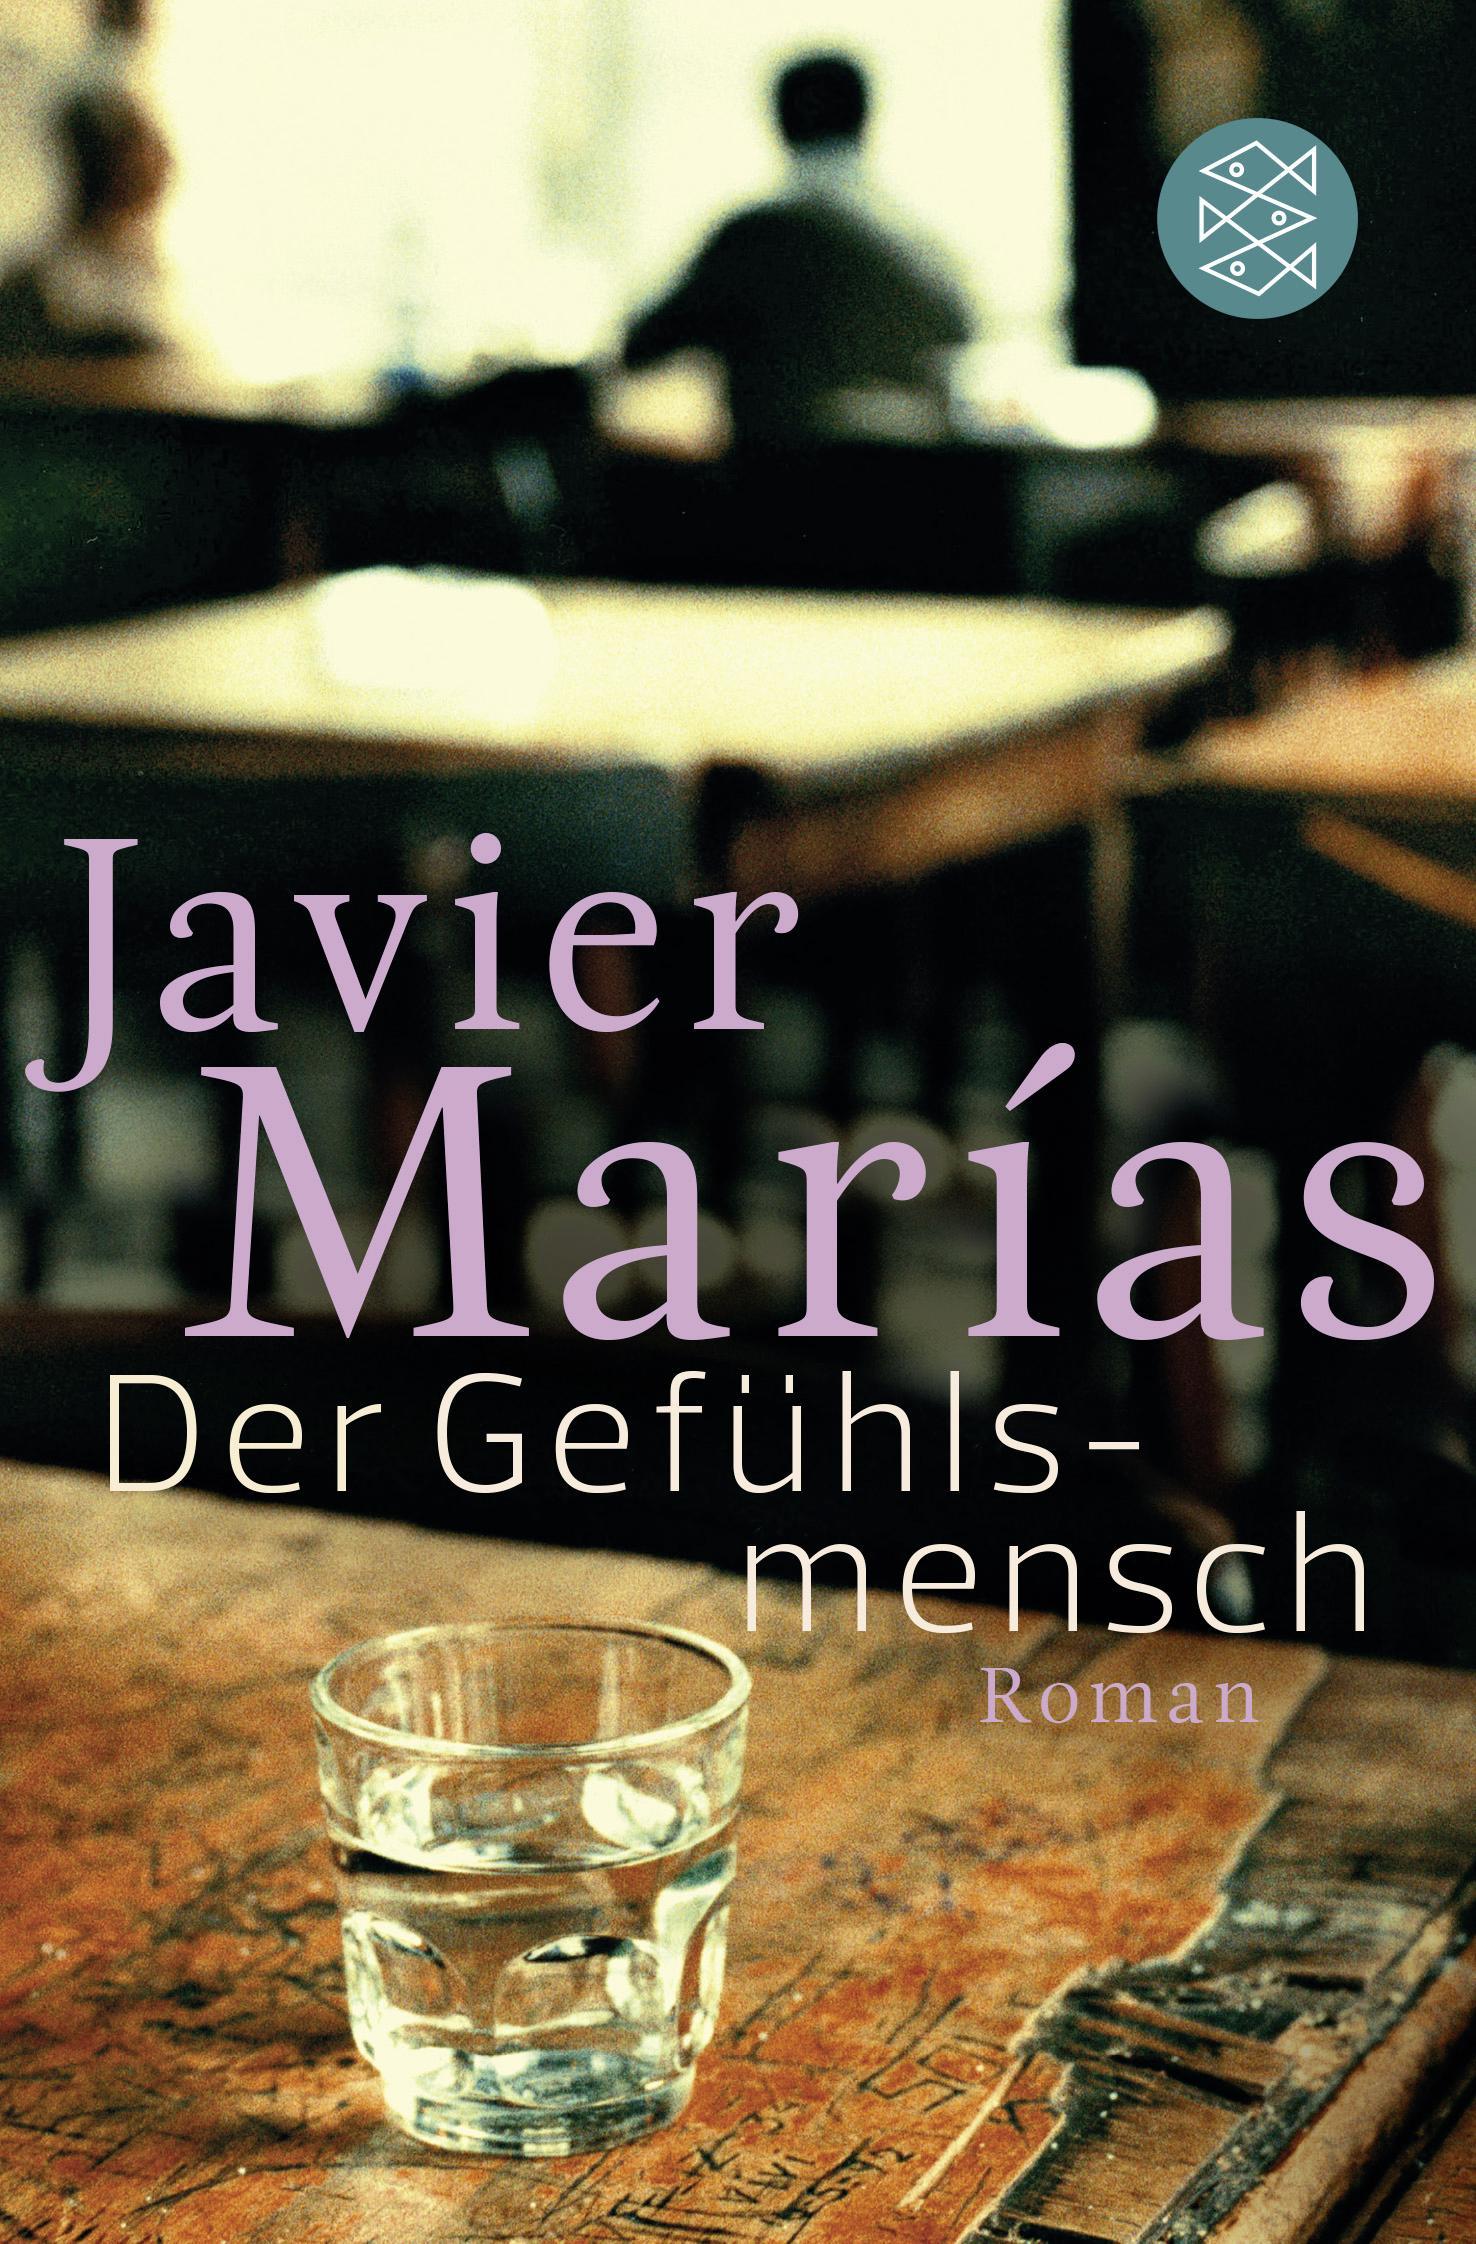 Der-Gefuehlsmensch-Javier-Marias